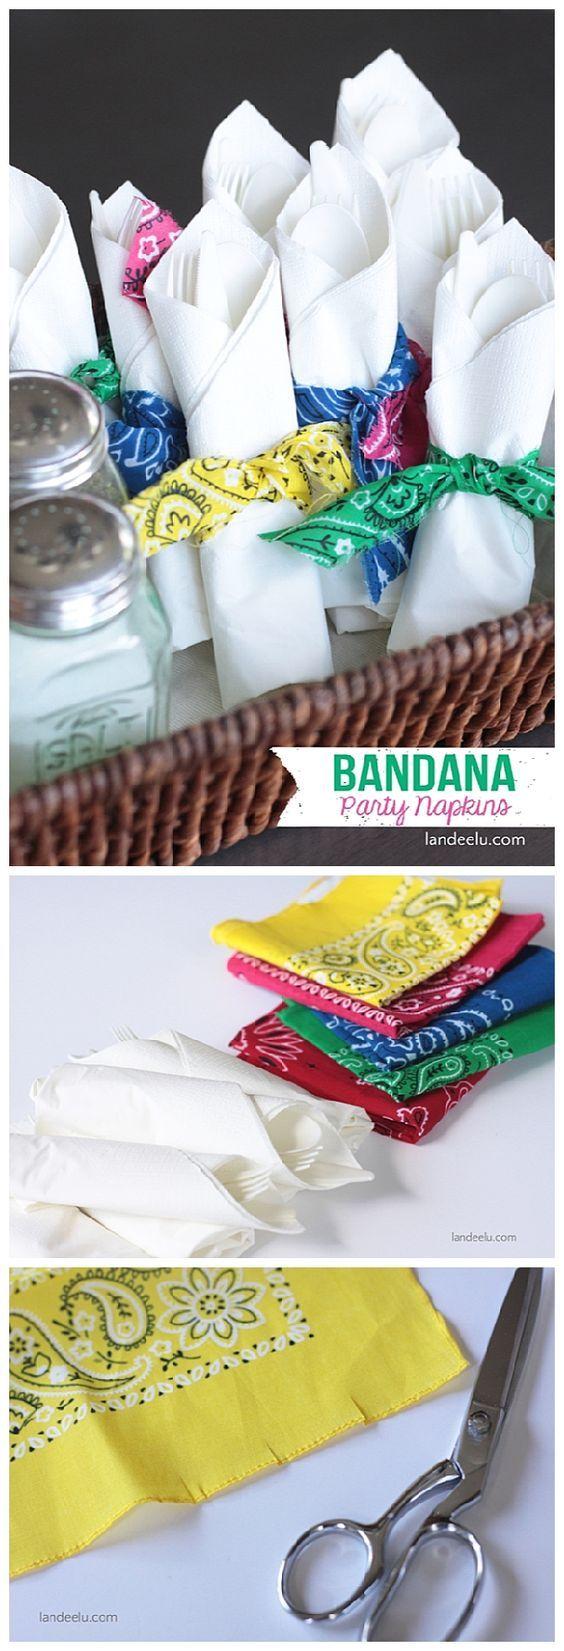 How To Make Napkin Rings - Bandana party napkin rings